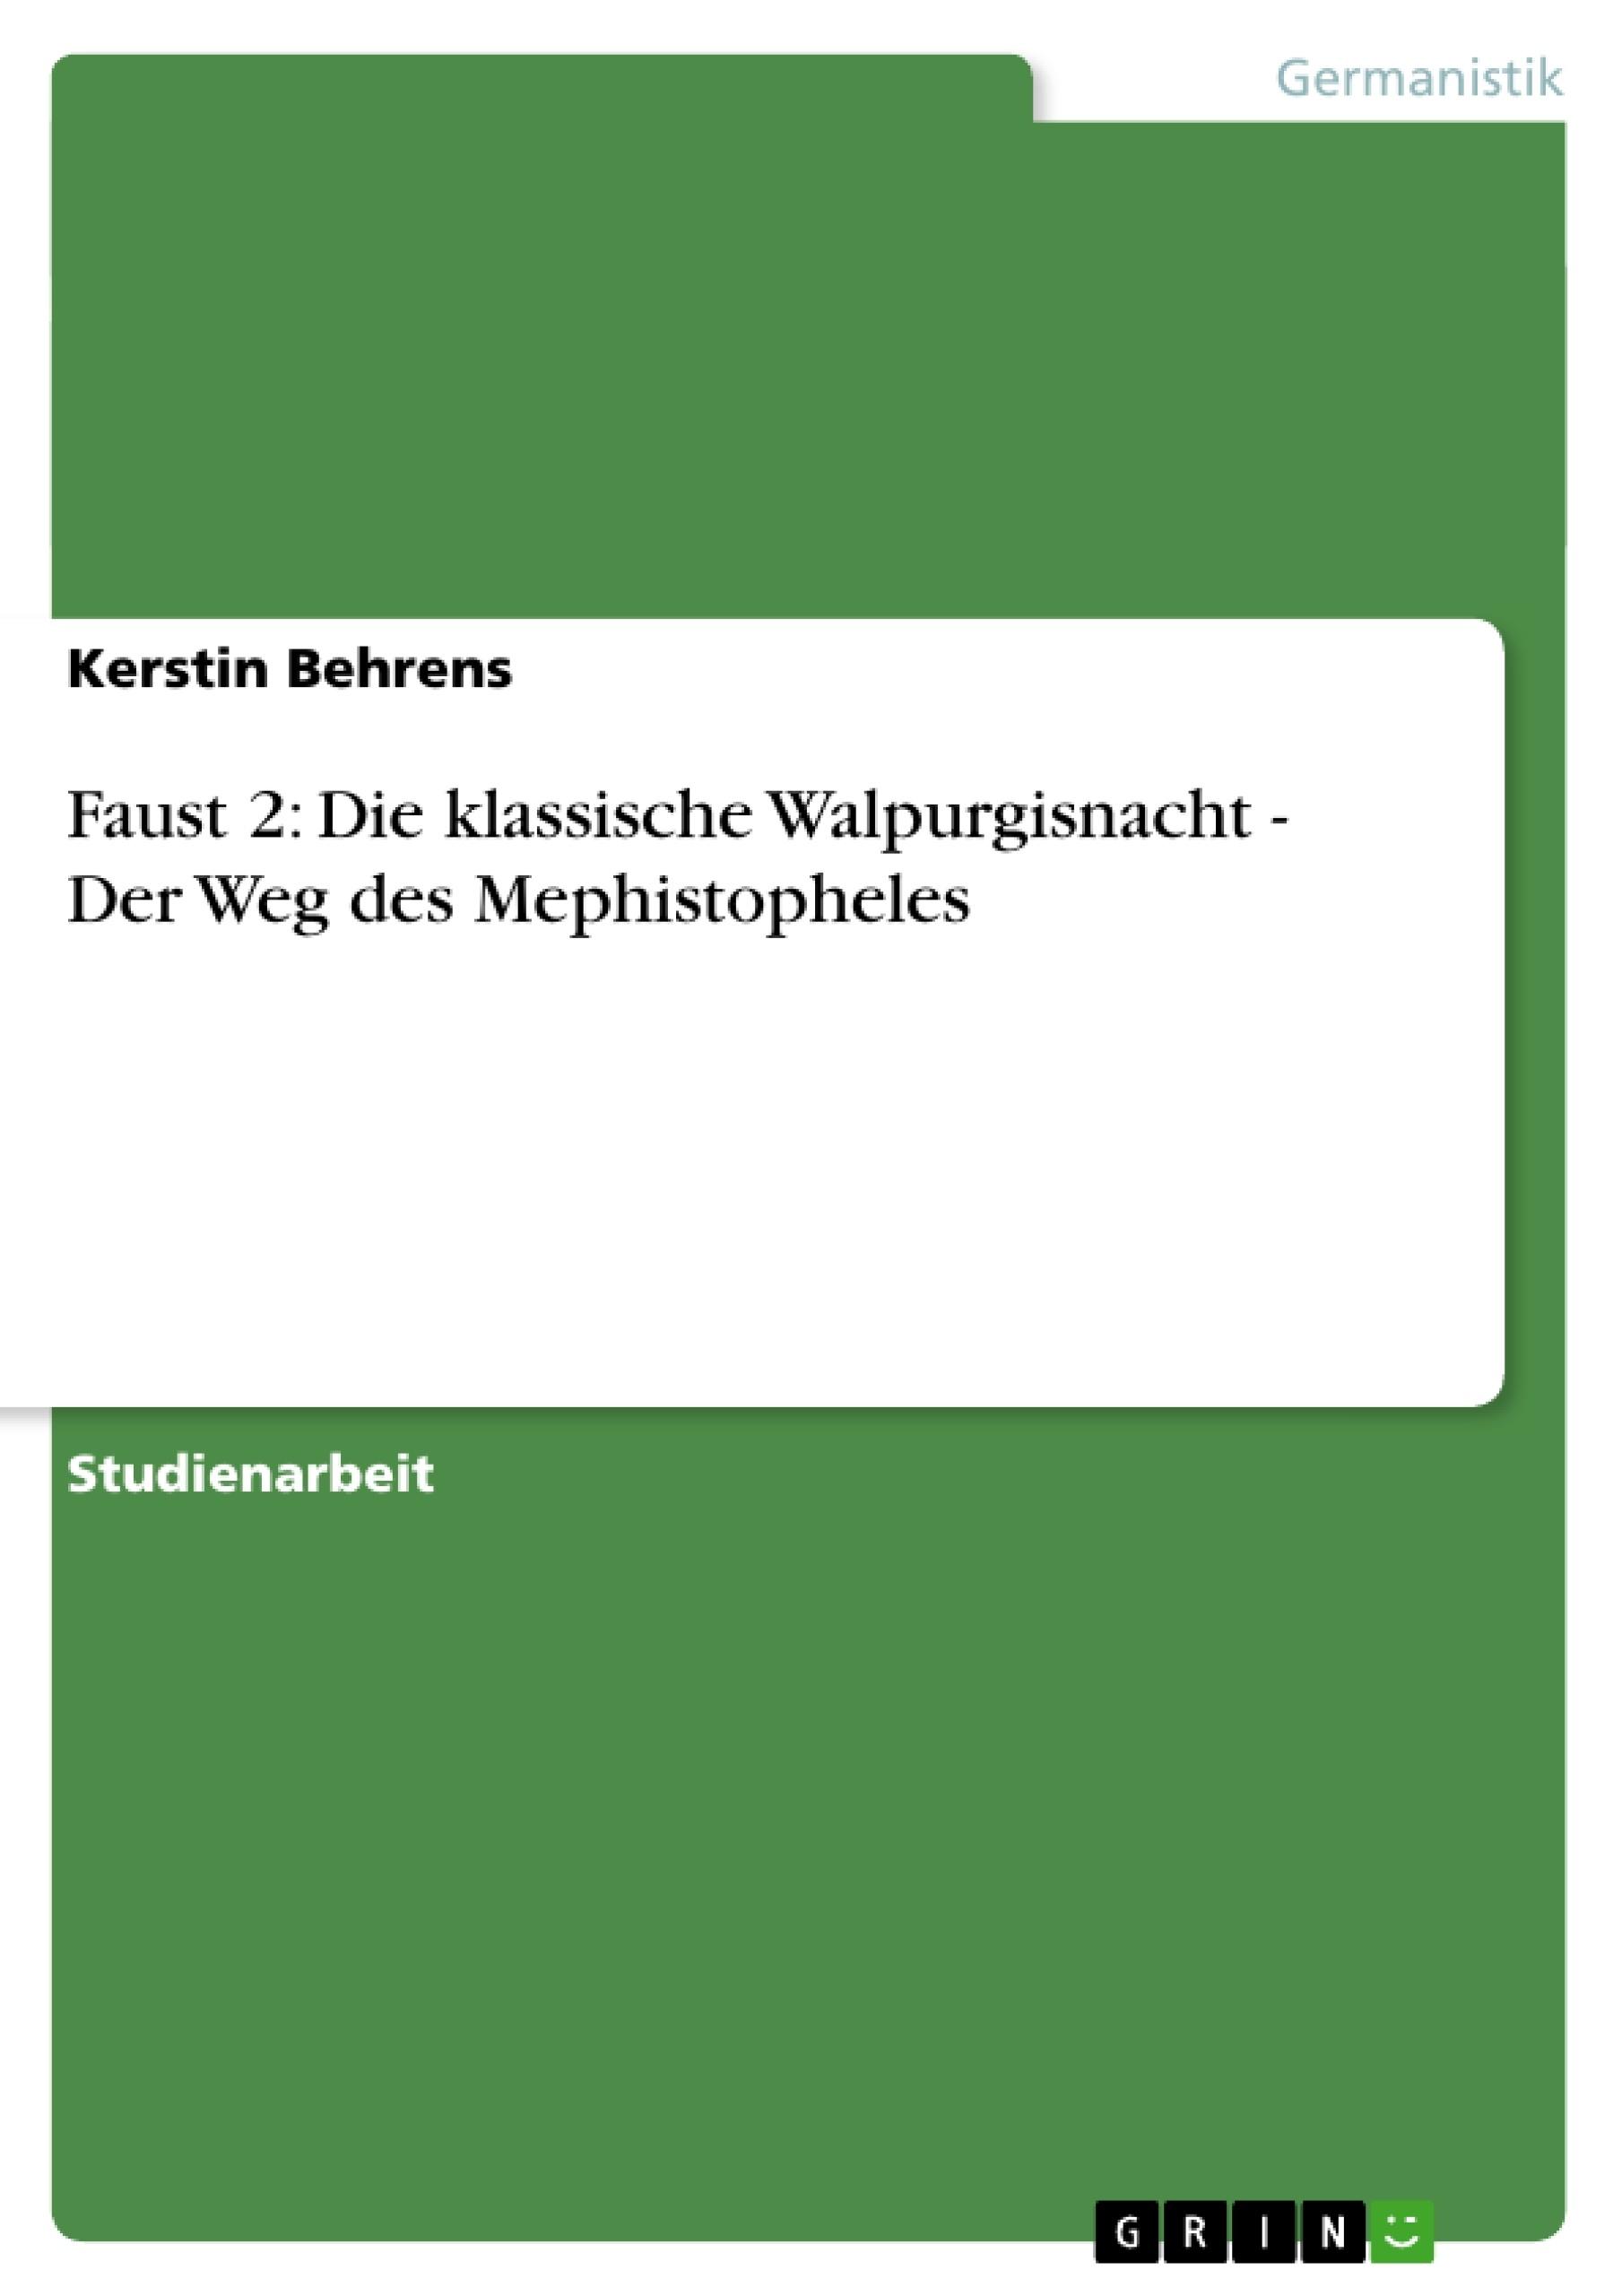 Titel: Faust 2: Die klassische Walpurgisnacht - Der Weg des Mephistopheles